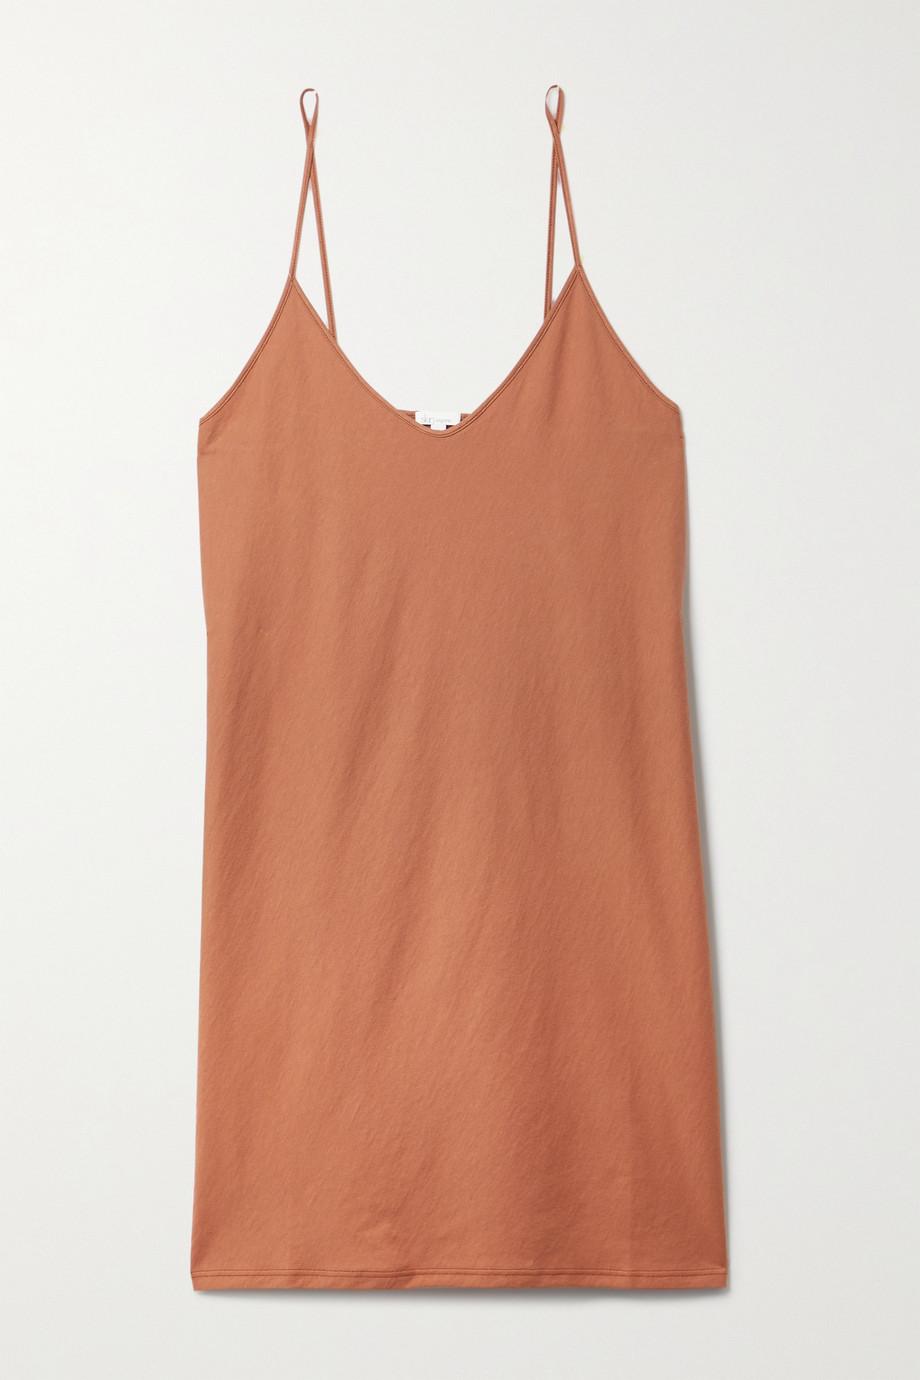 Skin + NET SUSTAIN Nachthemd aus Bio-Pima-Baumwoll-Jersey